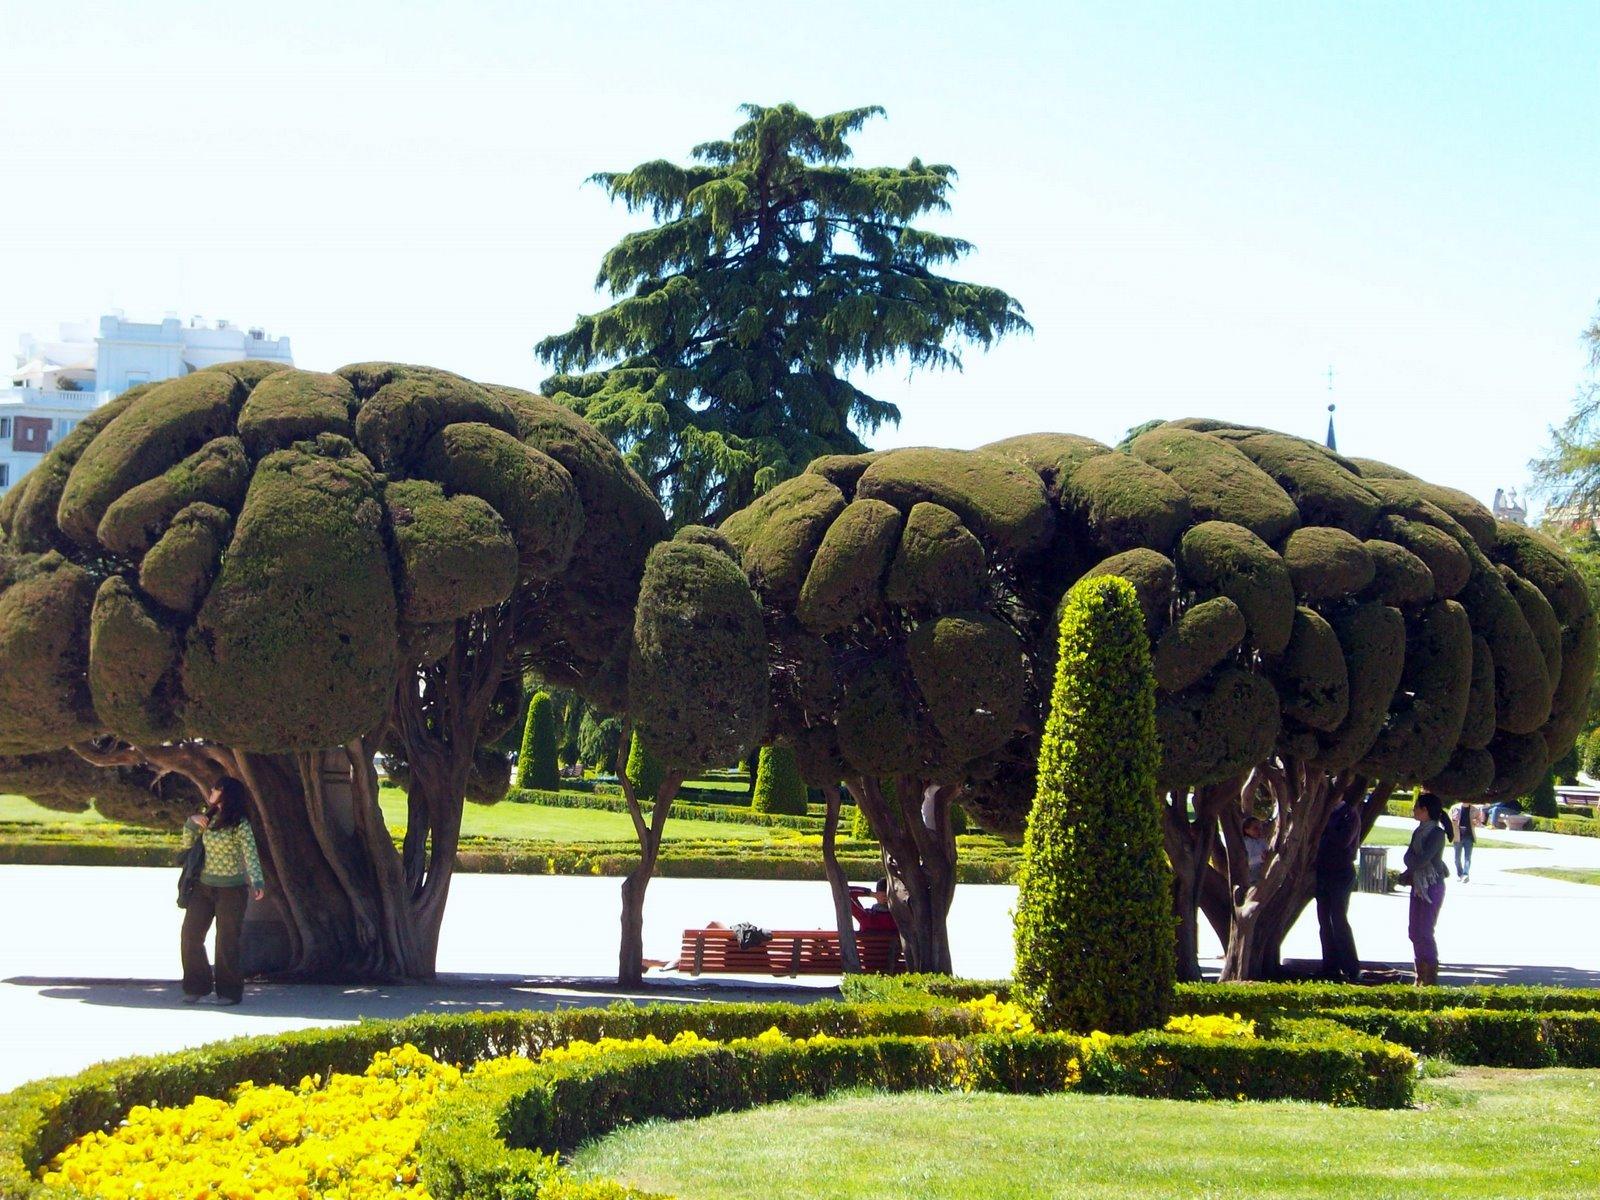 Madrid arboles curiosas formas mis viajes por ah mis for Arboles de jardin fotos